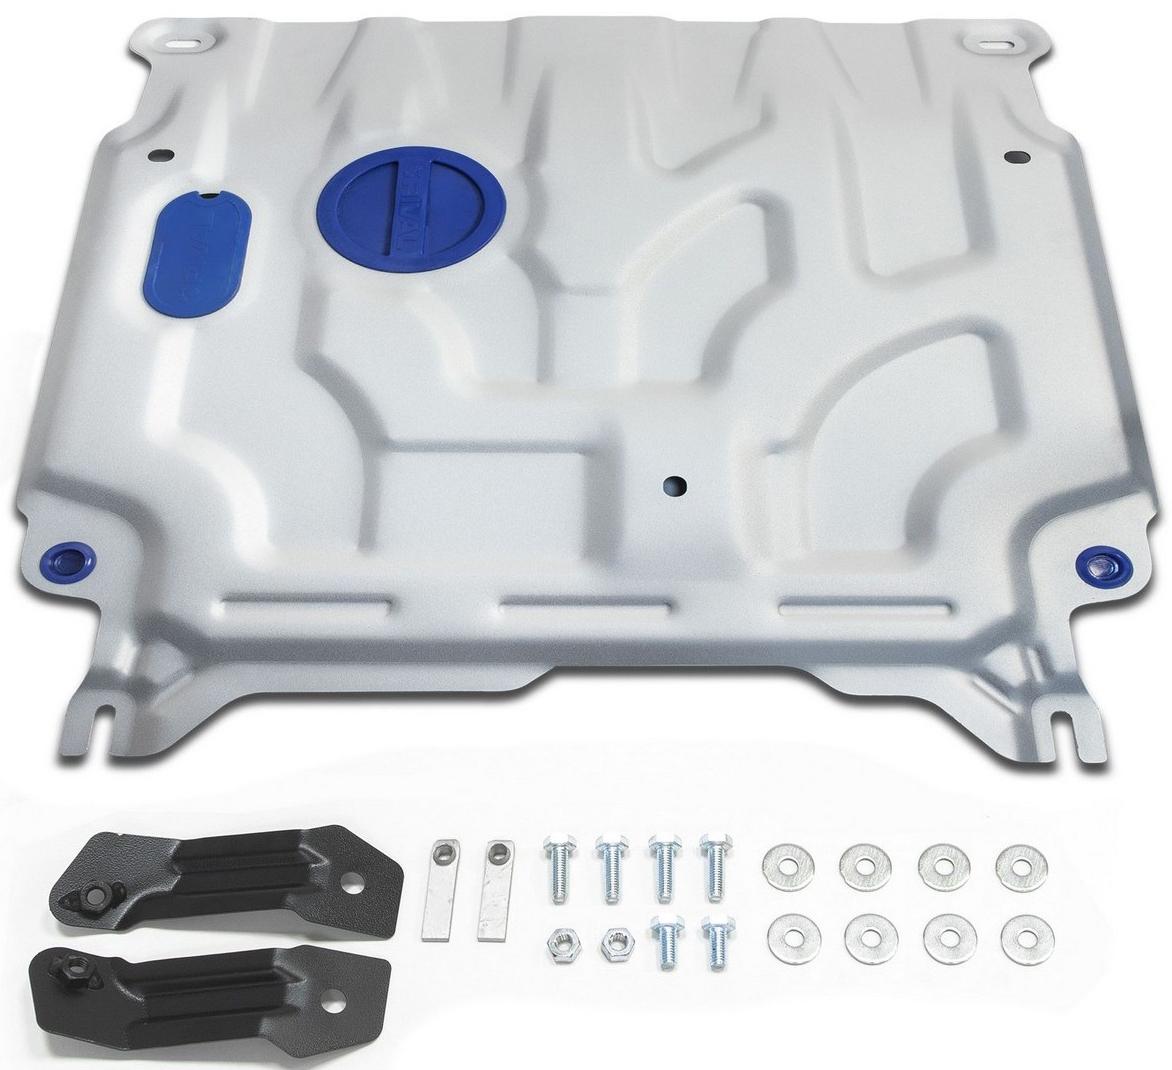 Защита картера и КПП Rival для Hyundai Solaris 2017- / Kia Rio 2017-, алюминий 4 мм333.2369.1Защита картера и КПП Rival для Hyundai Solaris V - 1.4; 1.6 2017-н.в./Kia Rio V - 1.6 МКПП 2017-н.в., алюминий 4 мм, крепеж в комплекте, 333.2369.1Алюминиевые защиты Rival надежно защищают днище вашего автомобиля от повреждений, например при наезде на бордюры, а также выполняют эстетическую функцию при установке на высокие автомобили.- Толщина алюминиевых защит в 2 раза толще стальных, а вес при этом меньше до 30%.- Отлично отводит тепло от двигателя своей поверхностью, что спасает двигатель от перегрева в летний период или при высоких нагрузках.- В отличие от стальных, алюминиевые защиты не поддаются коррозии, что гарантирует срок службы защит более 5 лет.- Покрываются порошковой краской, что надолго сохраняет первоначальный вид новой защиты и защищает от гальванической коррозии.- Глубокий штамп дополнительно усиливает конструкцию защиты.- Подштамповка в местах крепления защищает крепеж от срезания.- Технологические отверстия там, где они необходимы для смены масла и слива воды, оборудованные заглушками, надежно закрепленными на защите.- Помимо основной функции защиты от удара, конструкция так же существенно снижает попадание в моторный отсек влаги и грязи.В комплекте инструкция по установке.Уважаемые клиенты!Обращаем ваше внимание, на тот факт, что защита имеет форму, соответствующую модели данного автомобиля. Наличие глубокого штампа и лючков для смены фильтров/масла предусмотрено не на всех защитах. Фото служит для визуального восприятия товара.